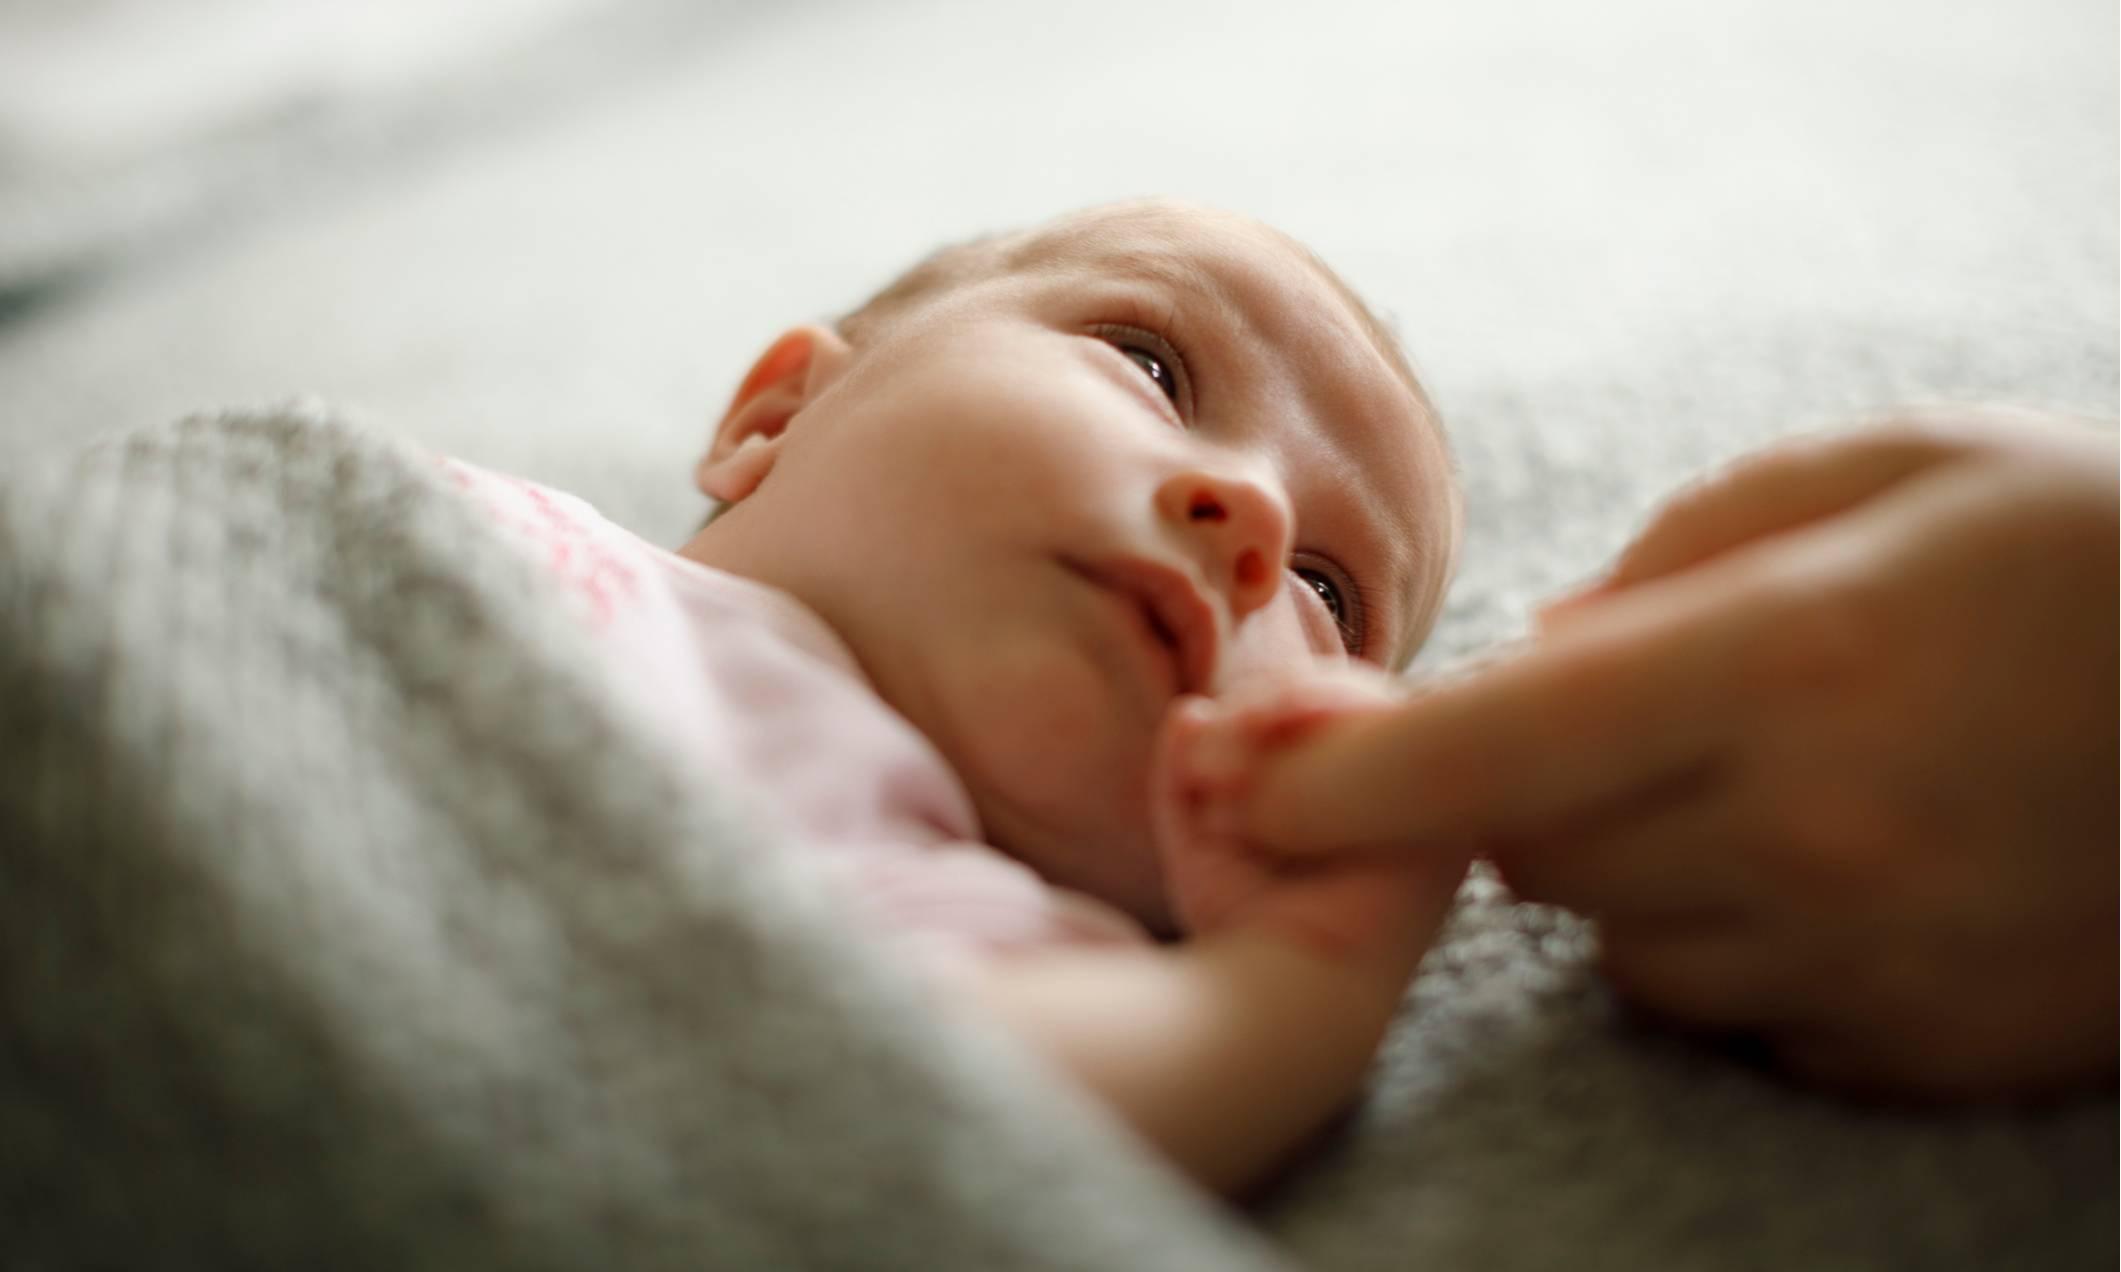 Икота у младенцев после кормления, как бороться?